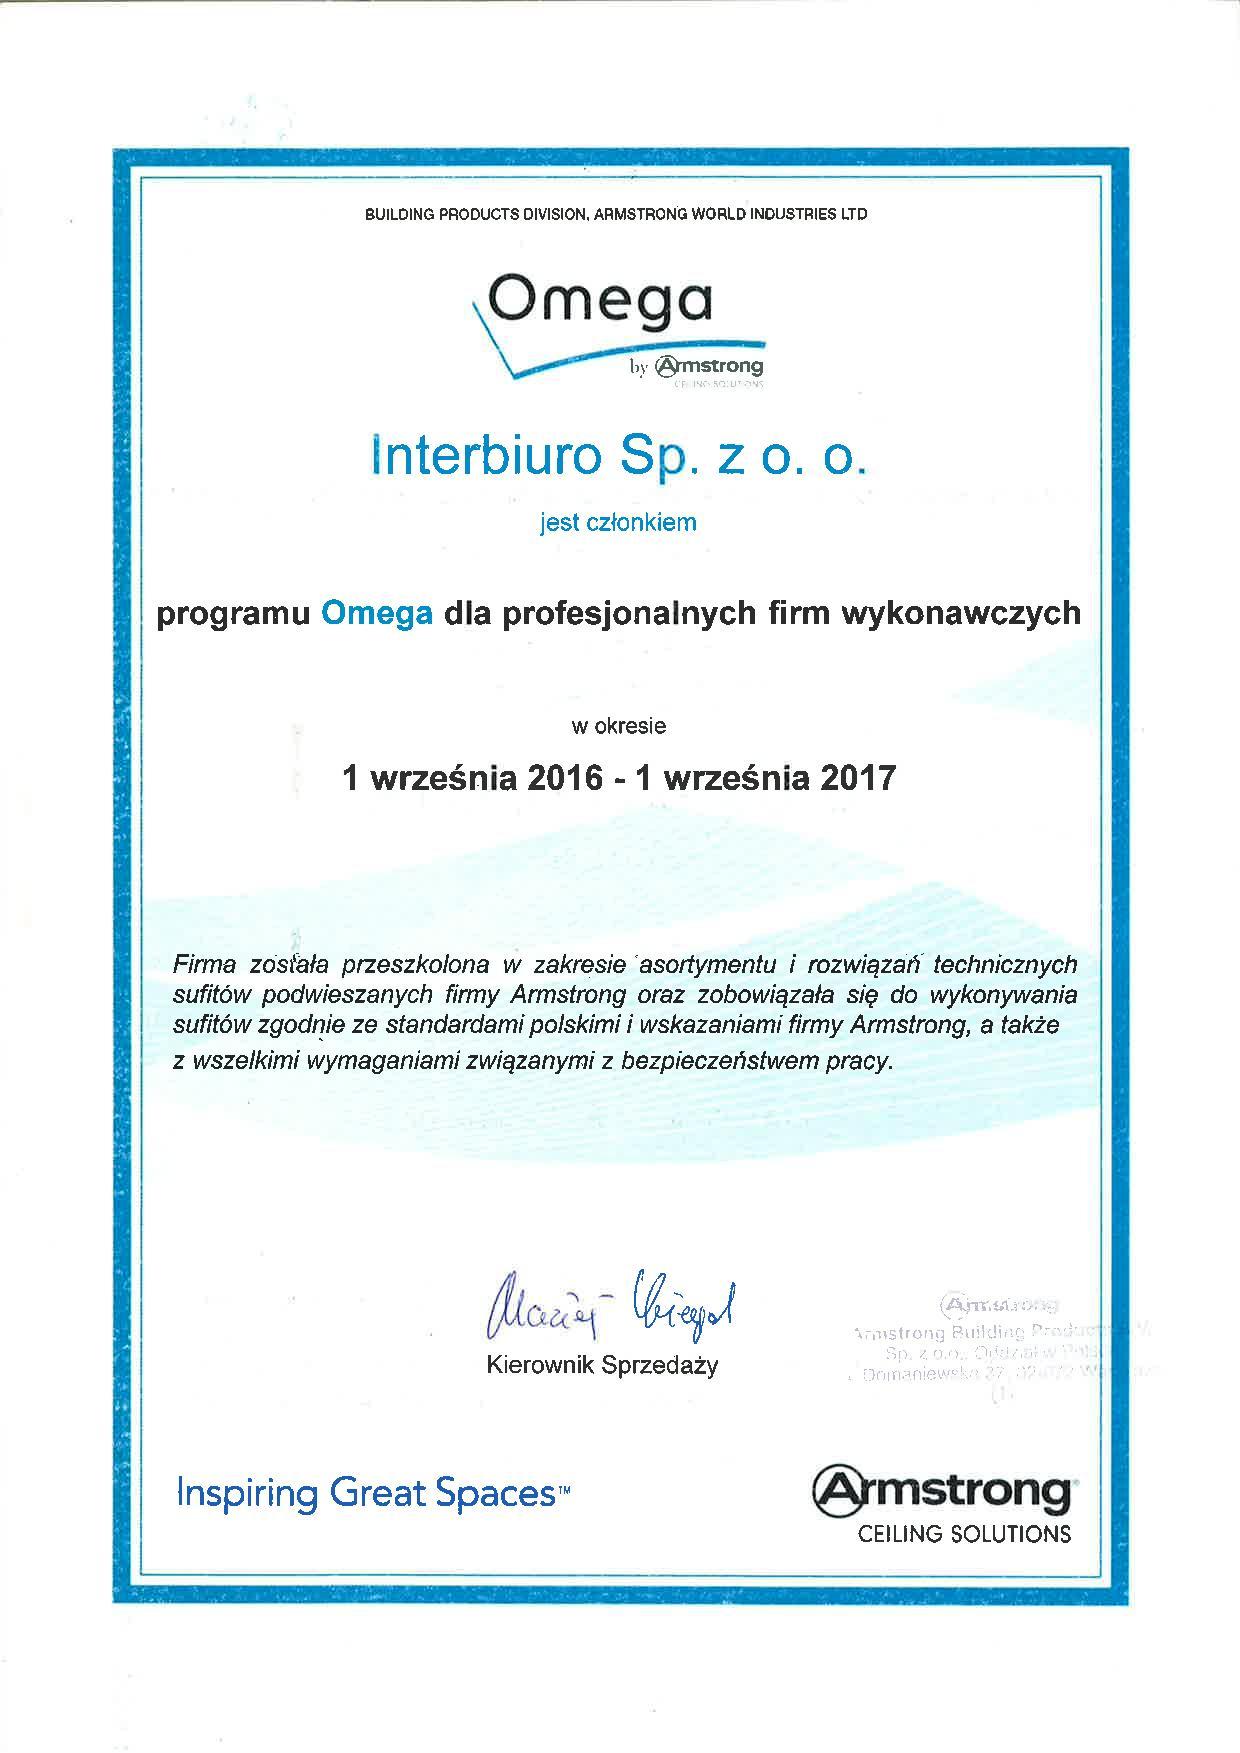 interbiuro-jest-czlonkiem-programu-omega-dla-profesjonalnych-firm-wykonawczych